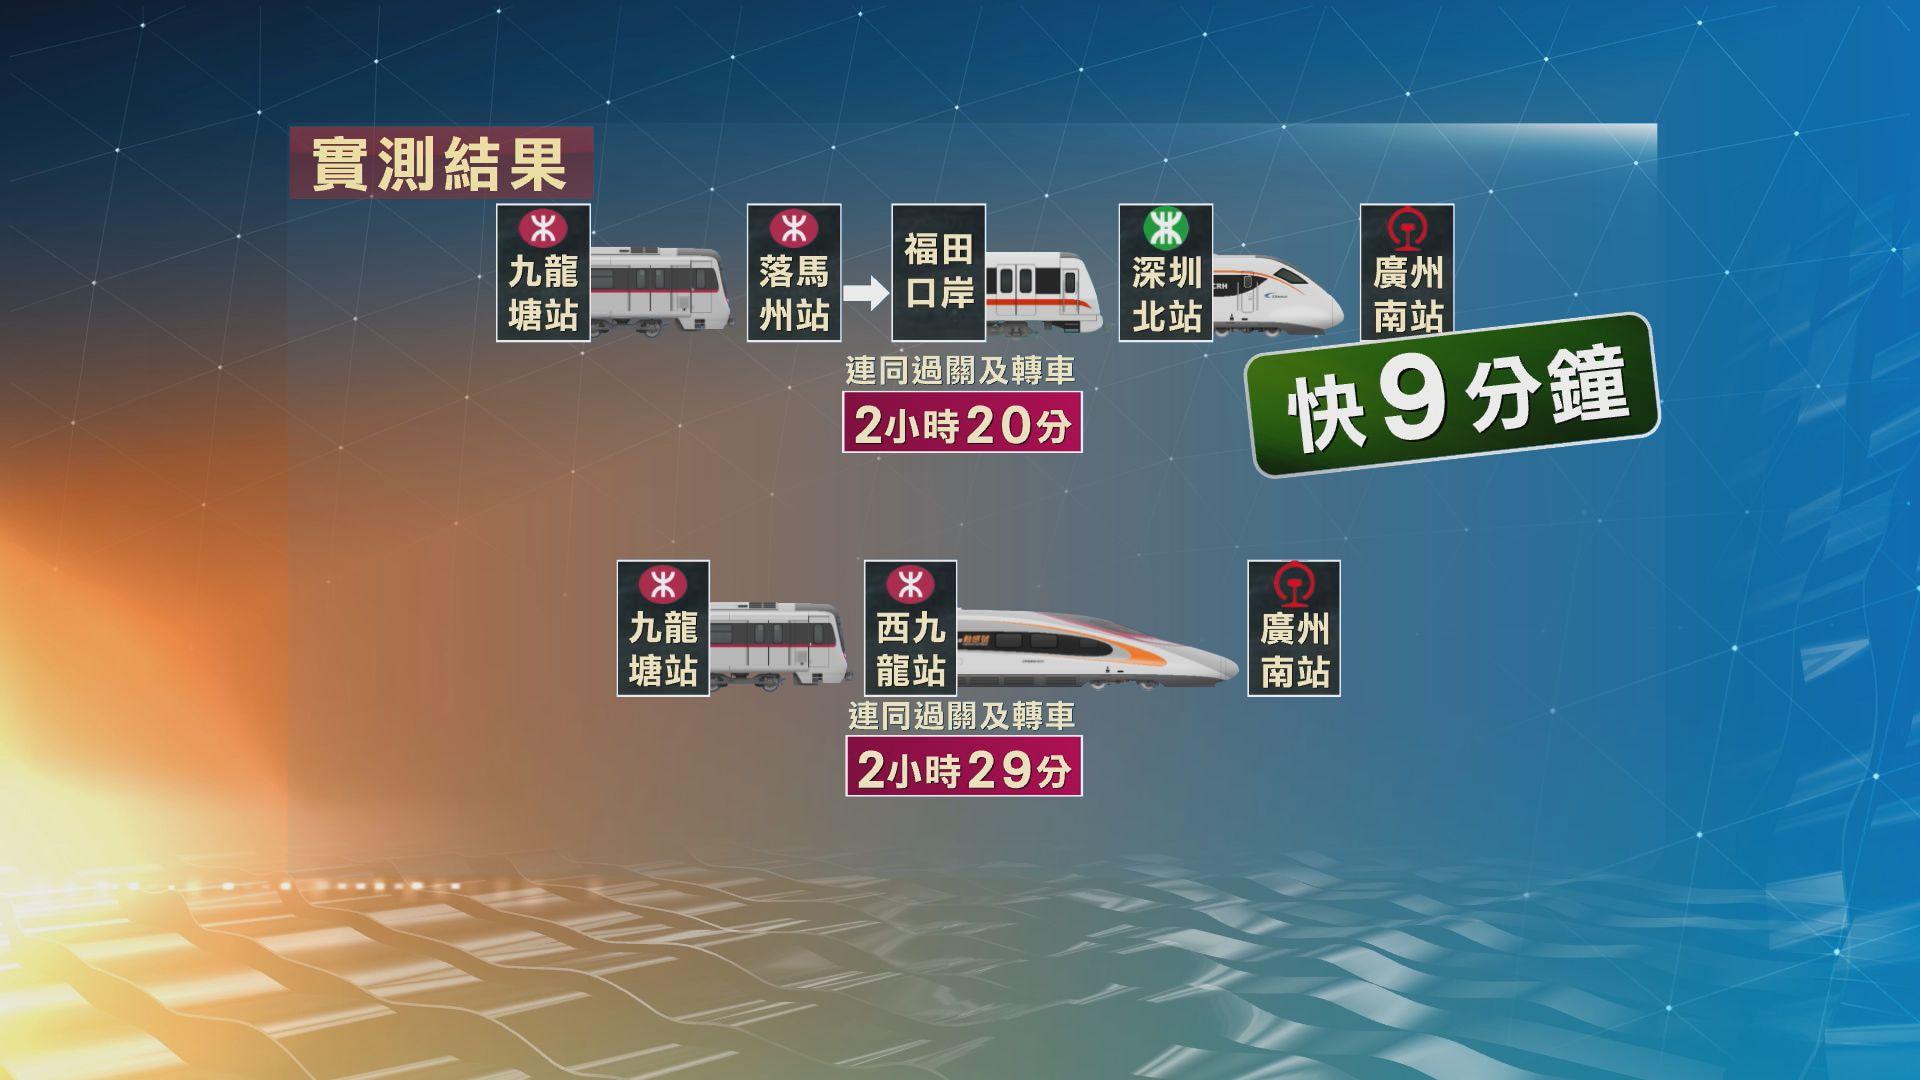 香港經深圳轉乘高鐵去廣州較直達車省時